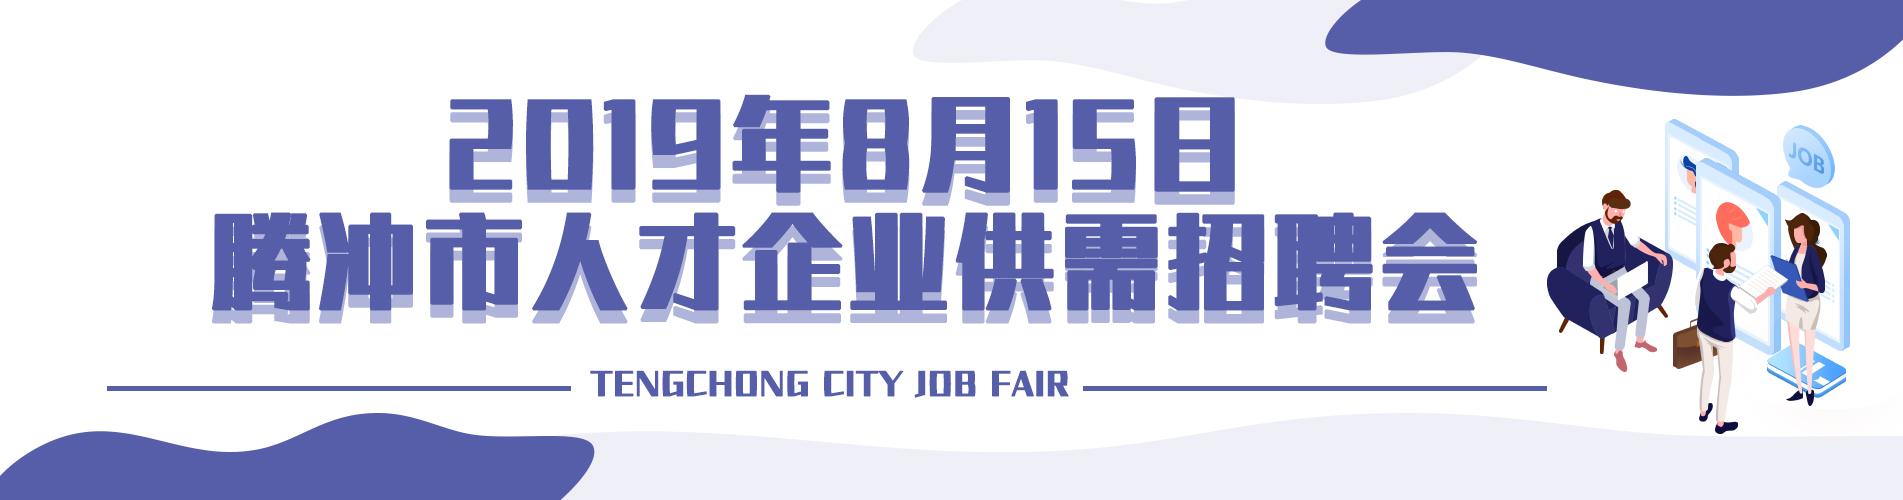 2019年8月15日腾冲市人才企业供需招聘会